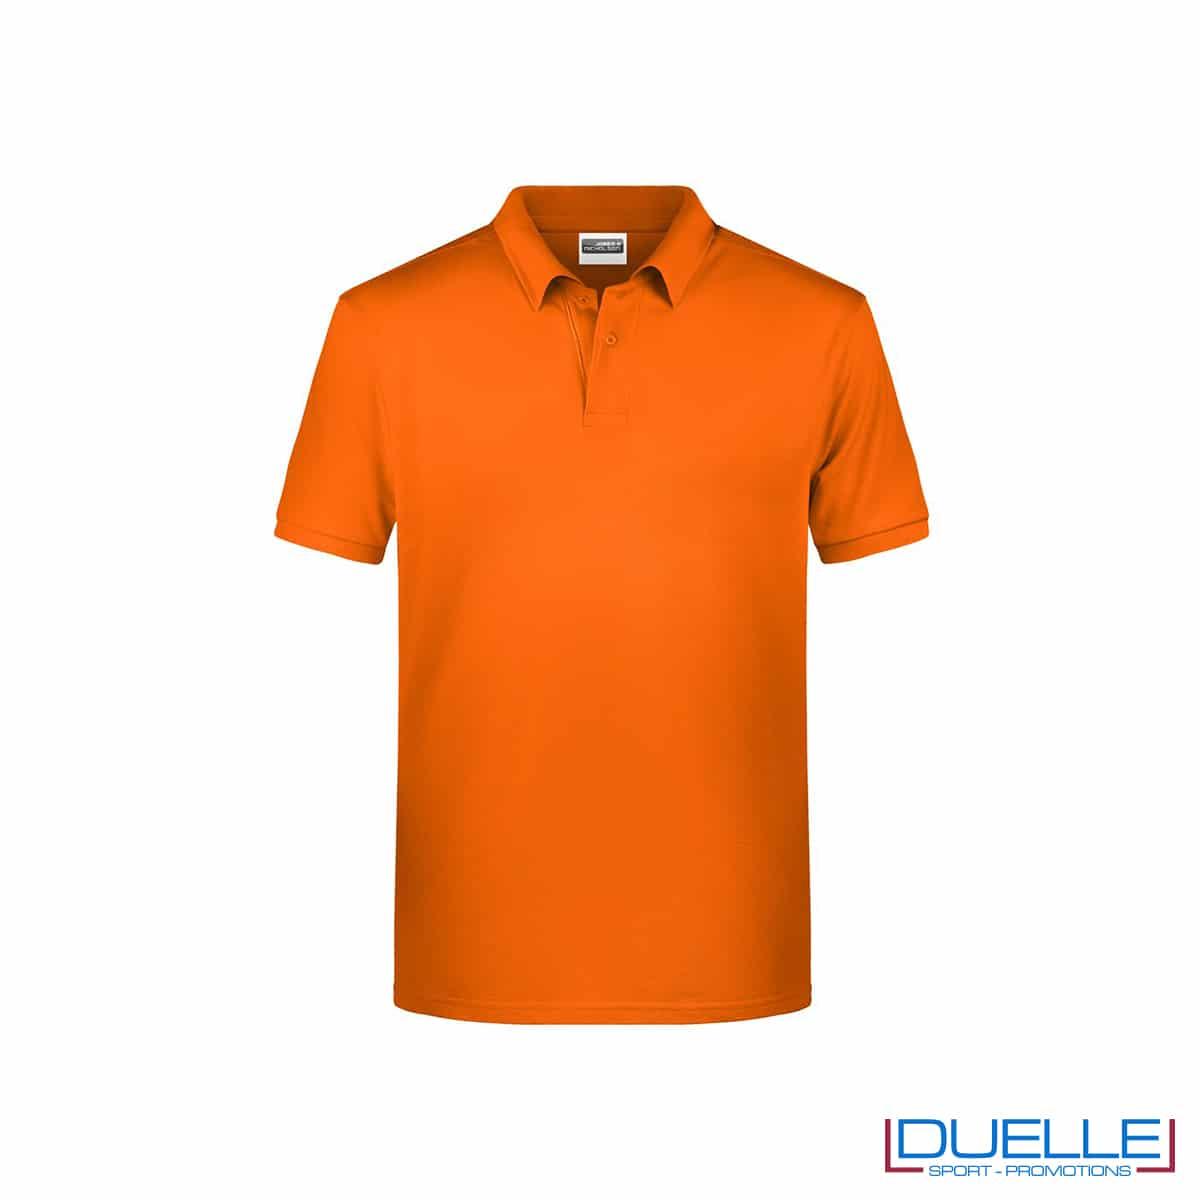 Polo ecologica 100% cotone organico colore arancione